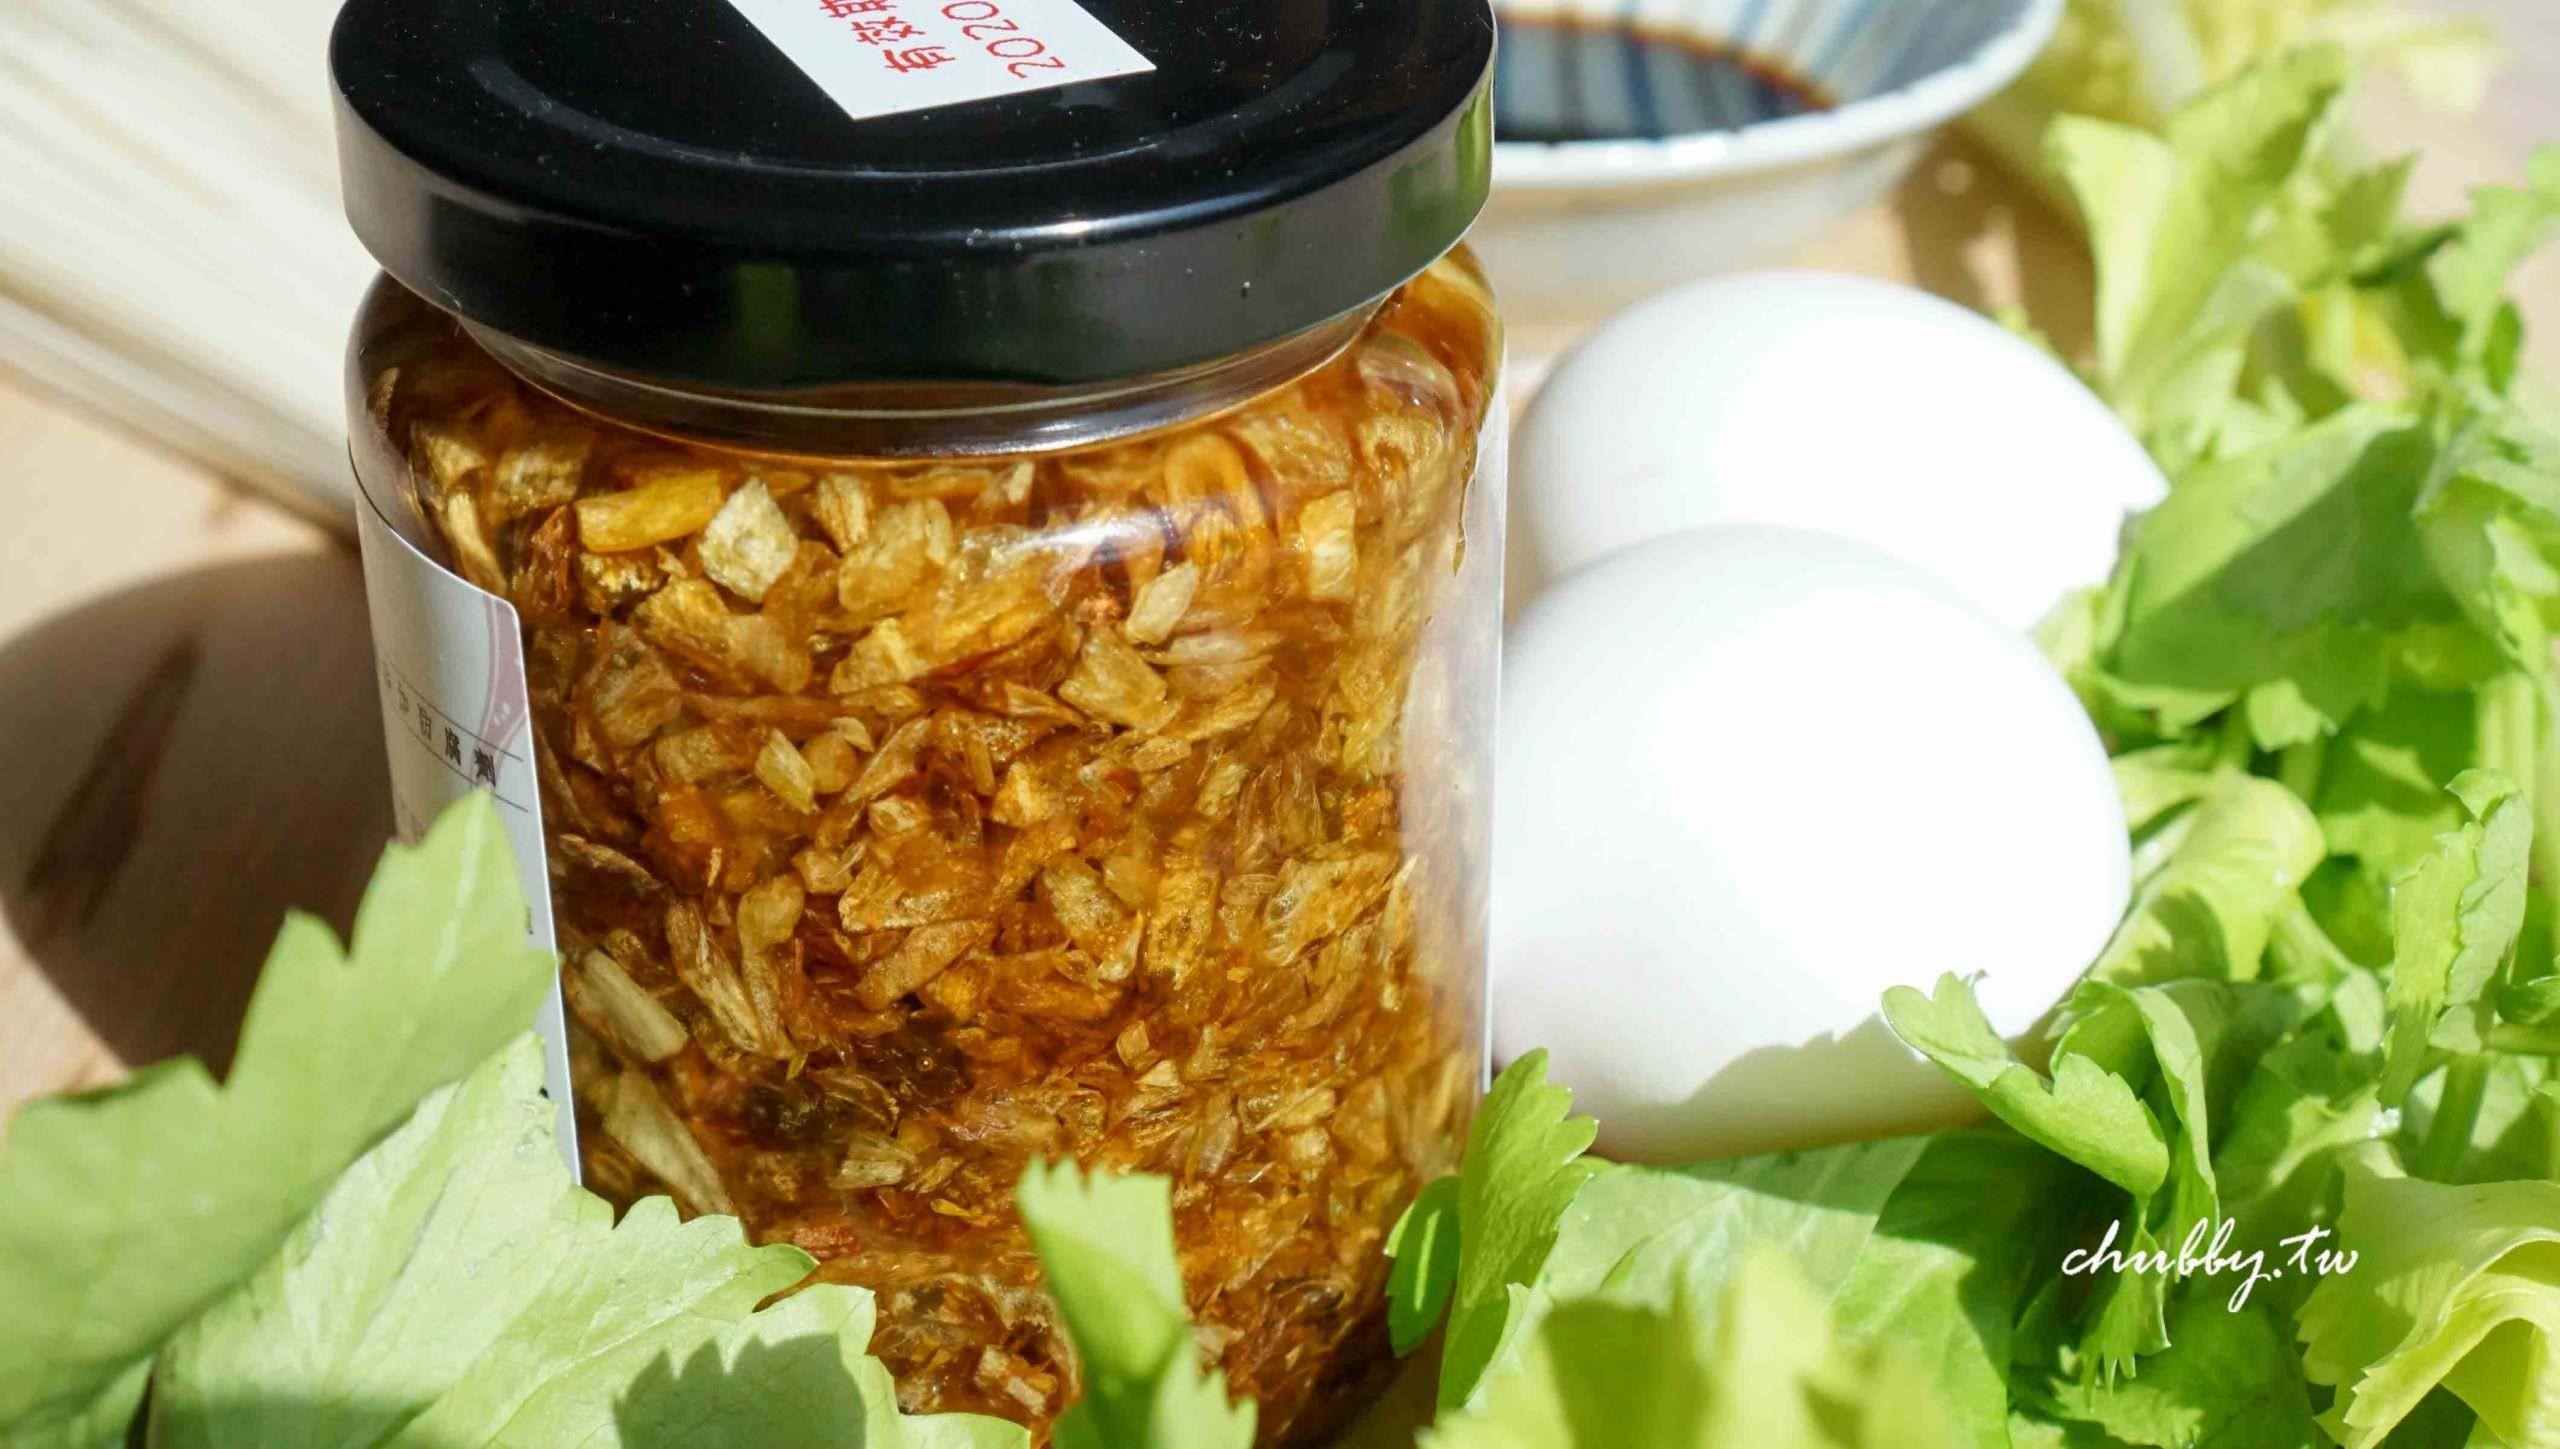 麻麻桑手作油蔥酥│我趕稿時最常吃的懶人料理:油蔥酥拌麵,香氣逼人~